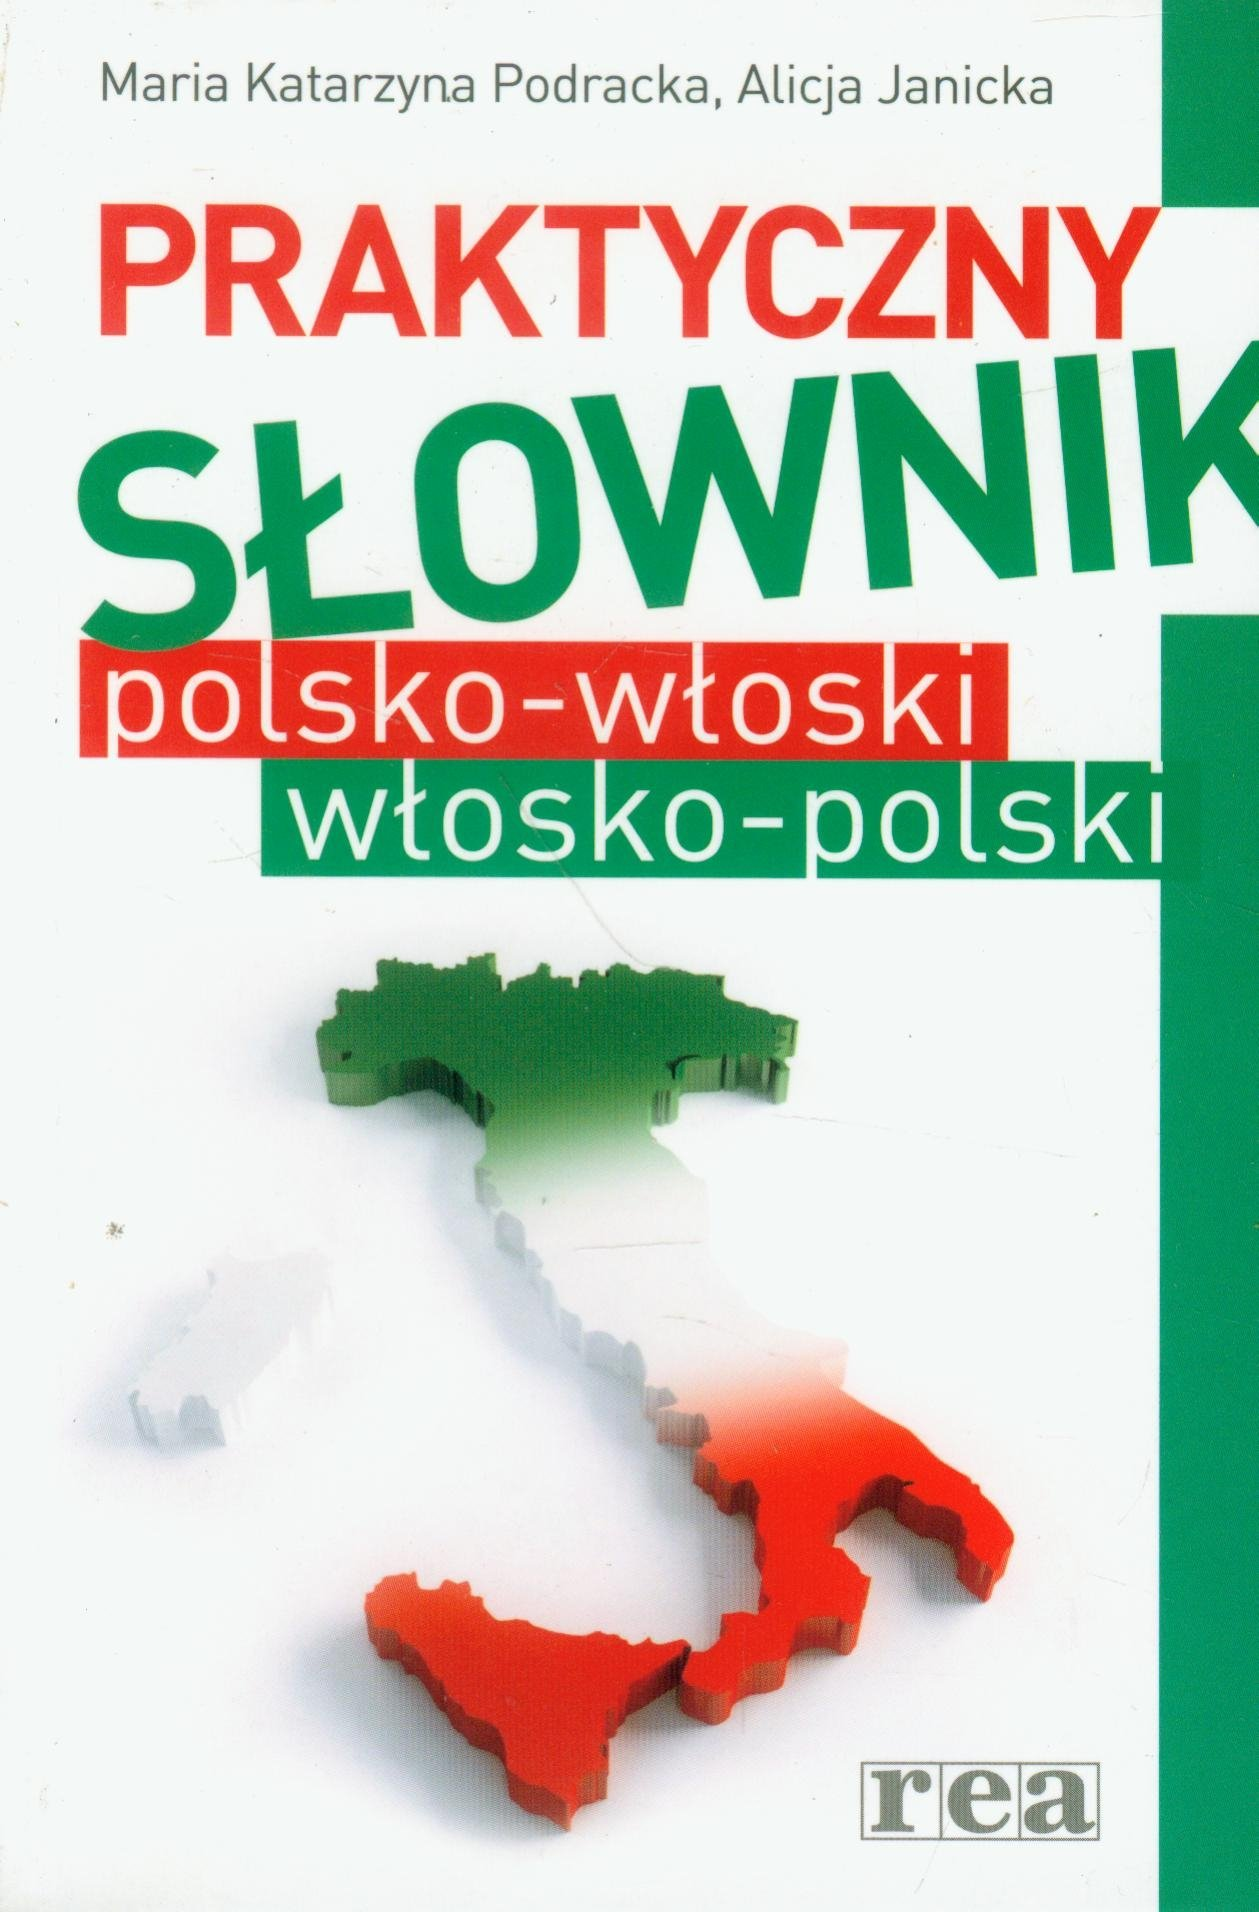 Praktyczny slownik polsko wloski wlosko polski: Amazon.co.uk: Maria  Katarzyna Podracka: 9788375443592: Books